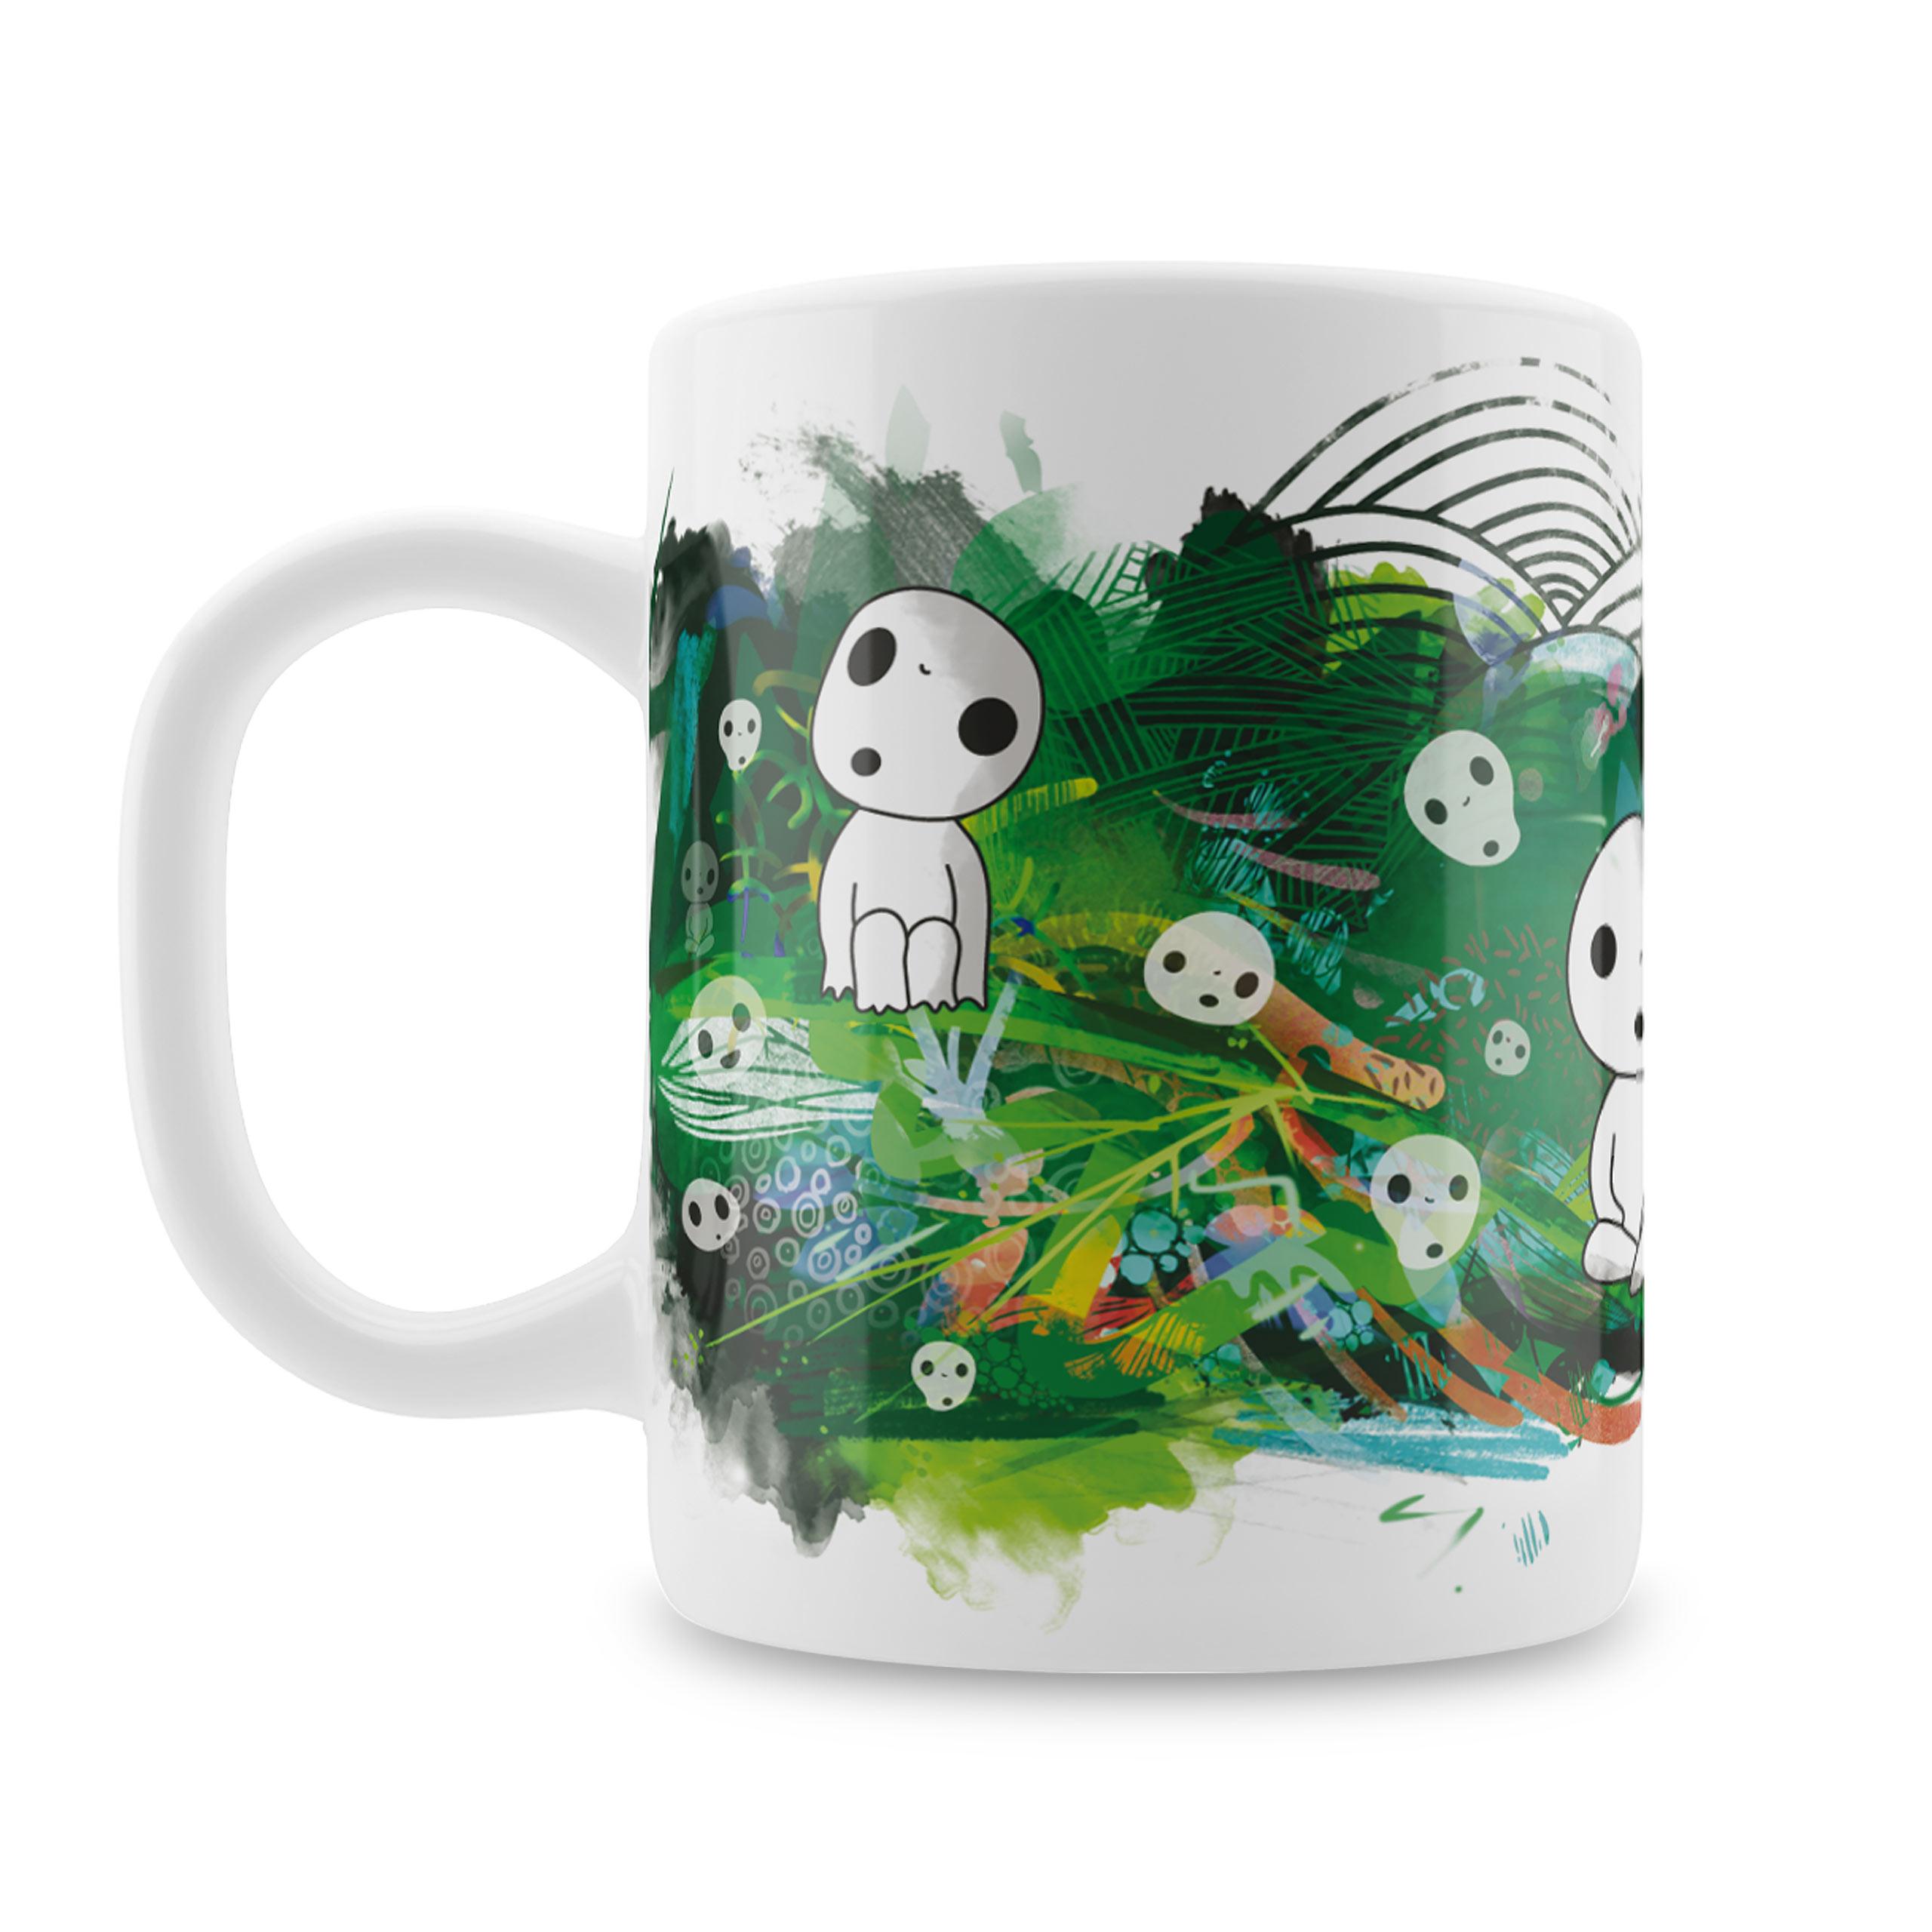 Nekodama Baumgeister Tasse für Prinzessin Mononoke Fans